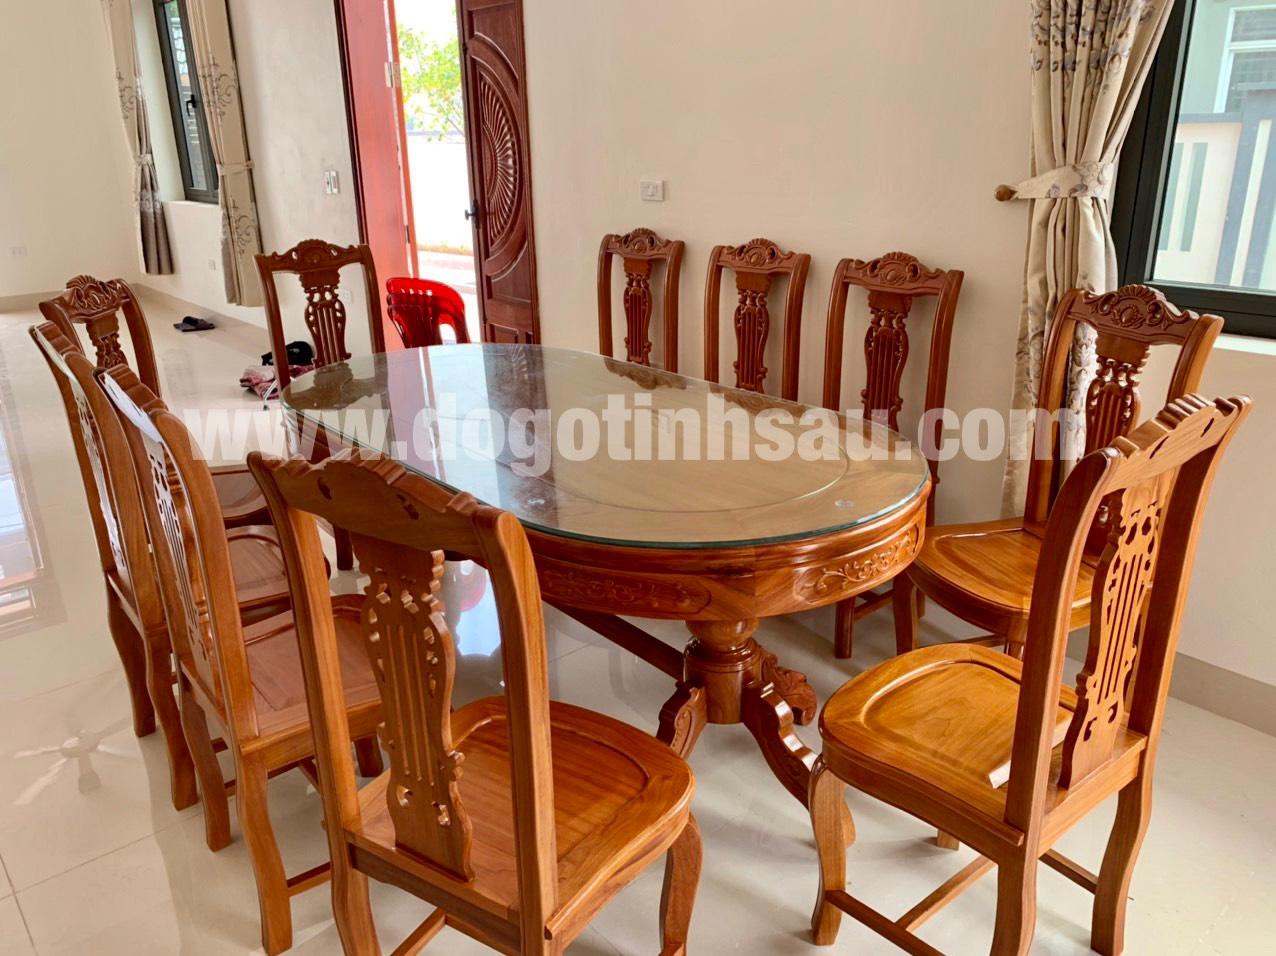 bo ban an go go do 10 ghe - Bộ bàn ăn bầu dục 10 ghế hình cây đàn gỗ gõ đỏ (trụ 16)